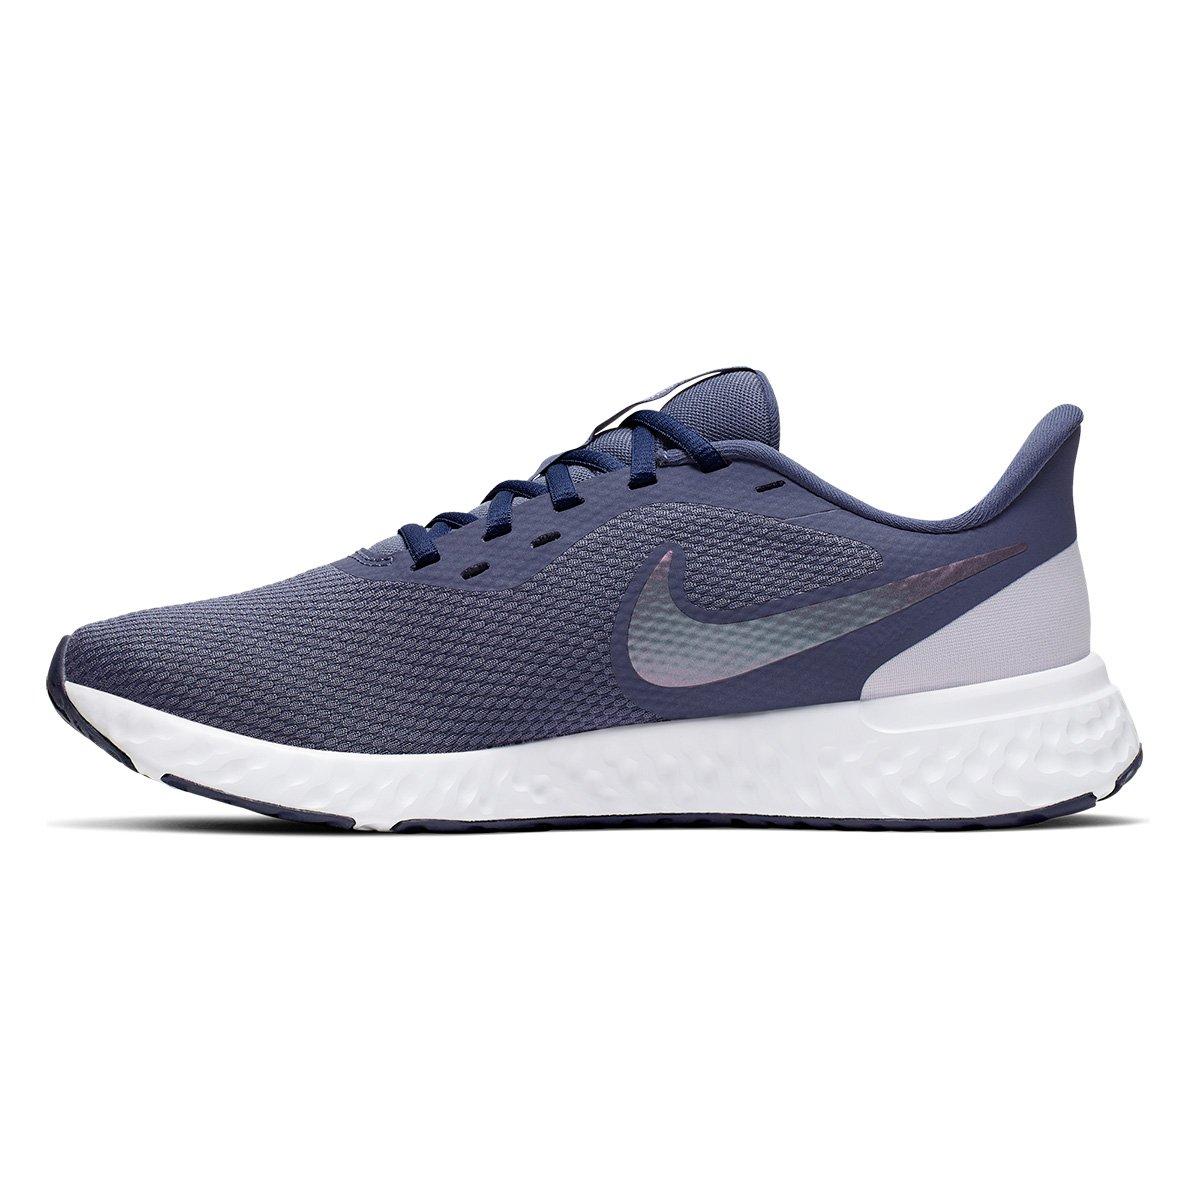 Tênis Nike Revolution 5 Feminino - Tam: 35 - 2